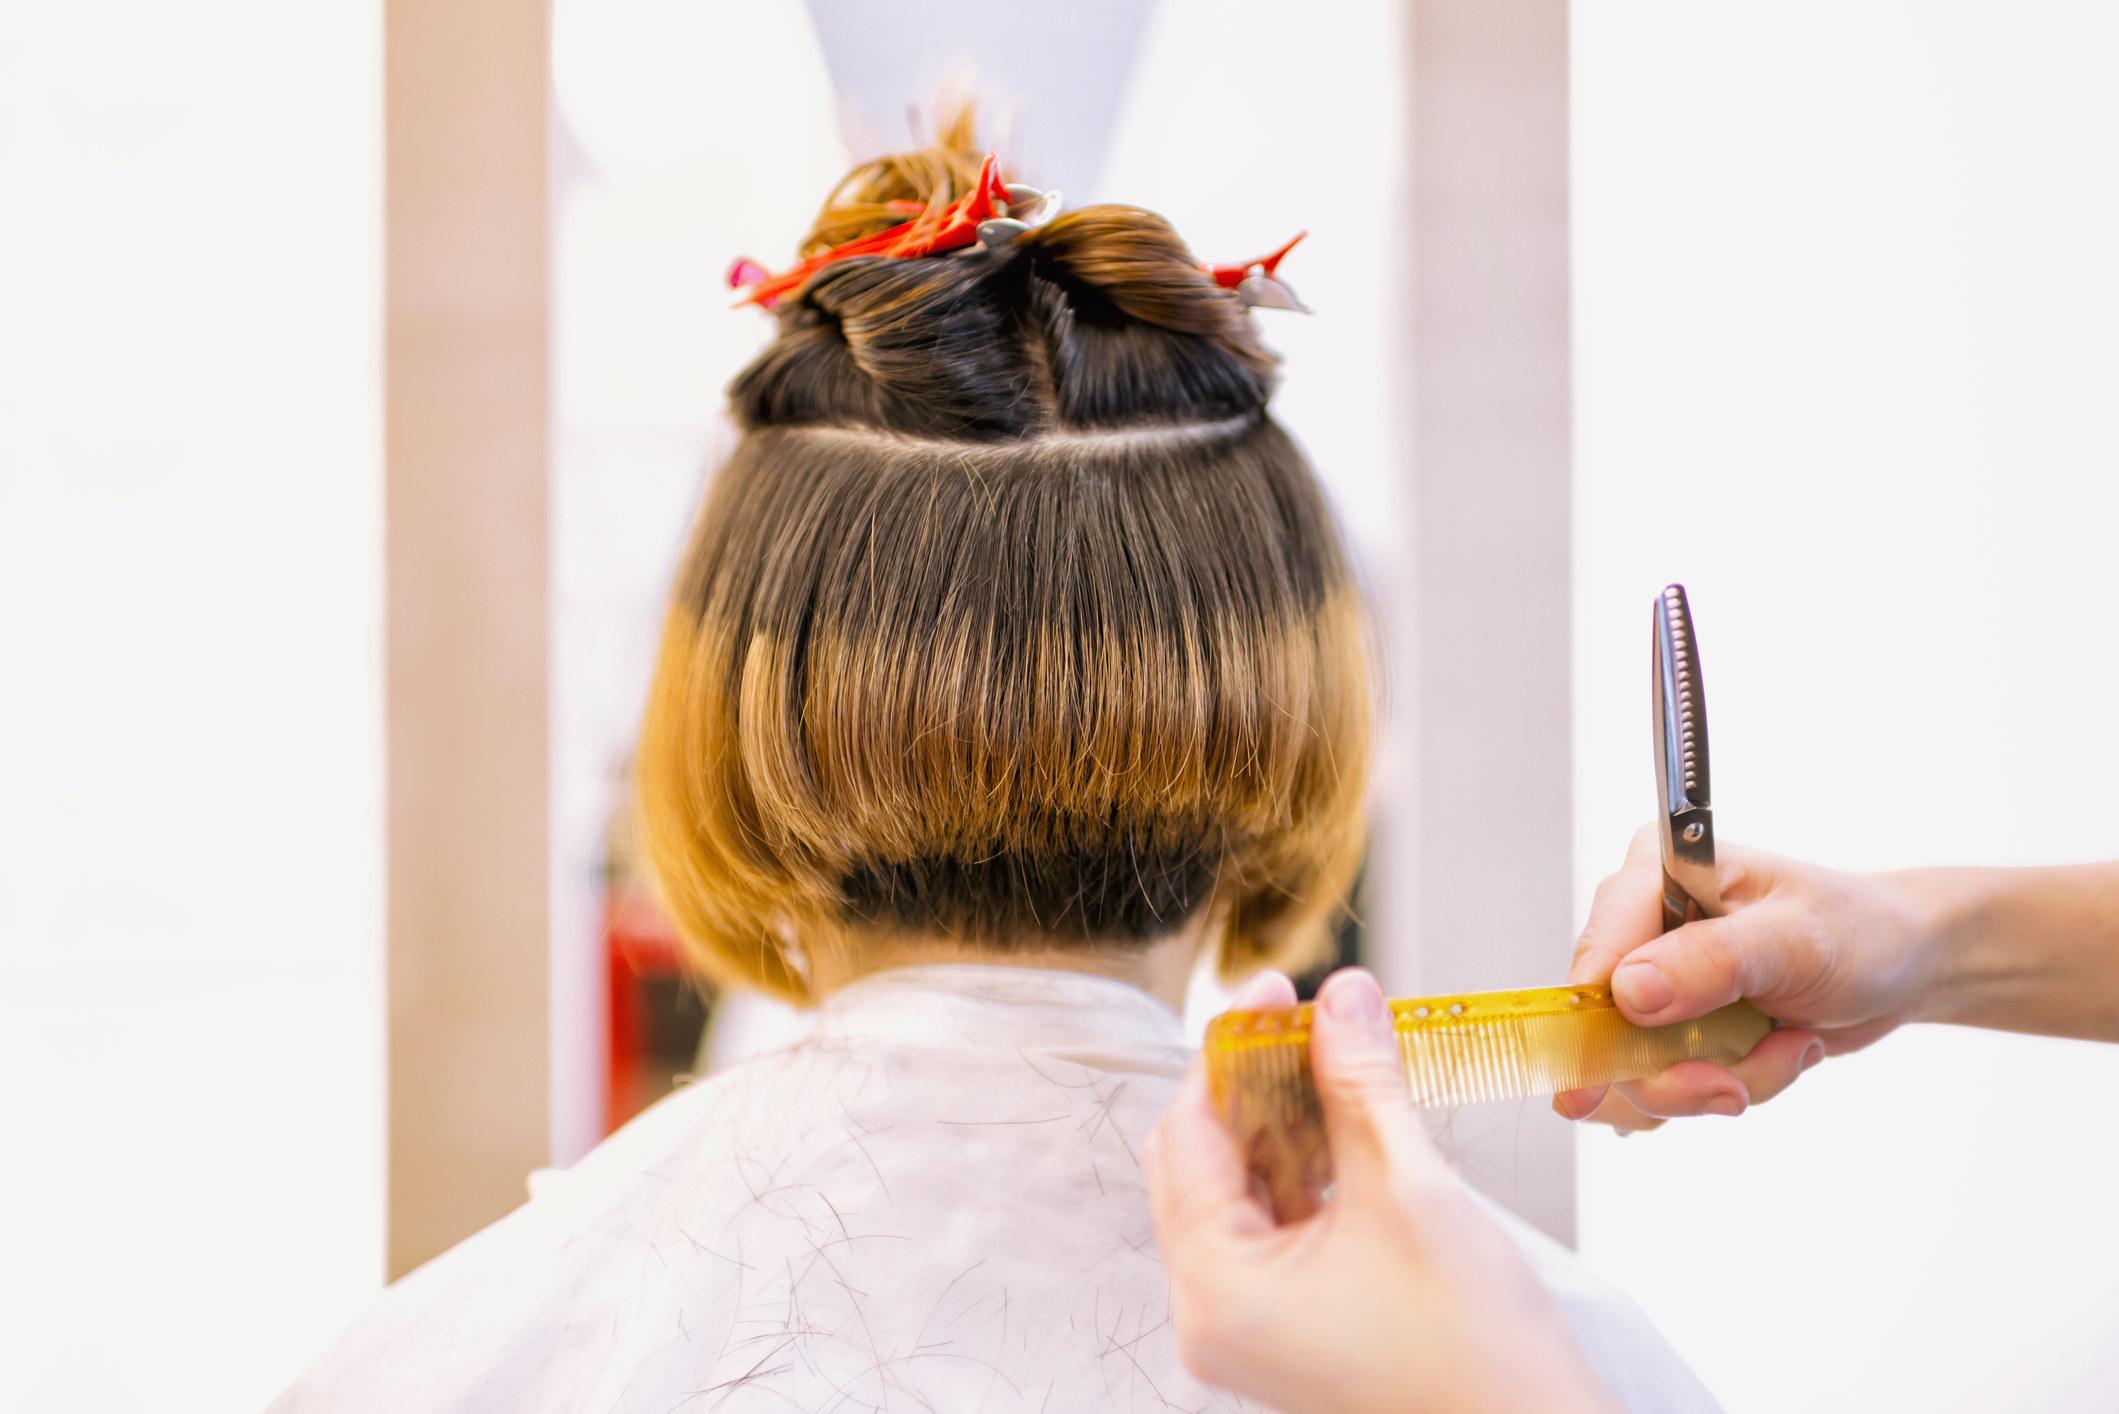 A woman receiving a haircut